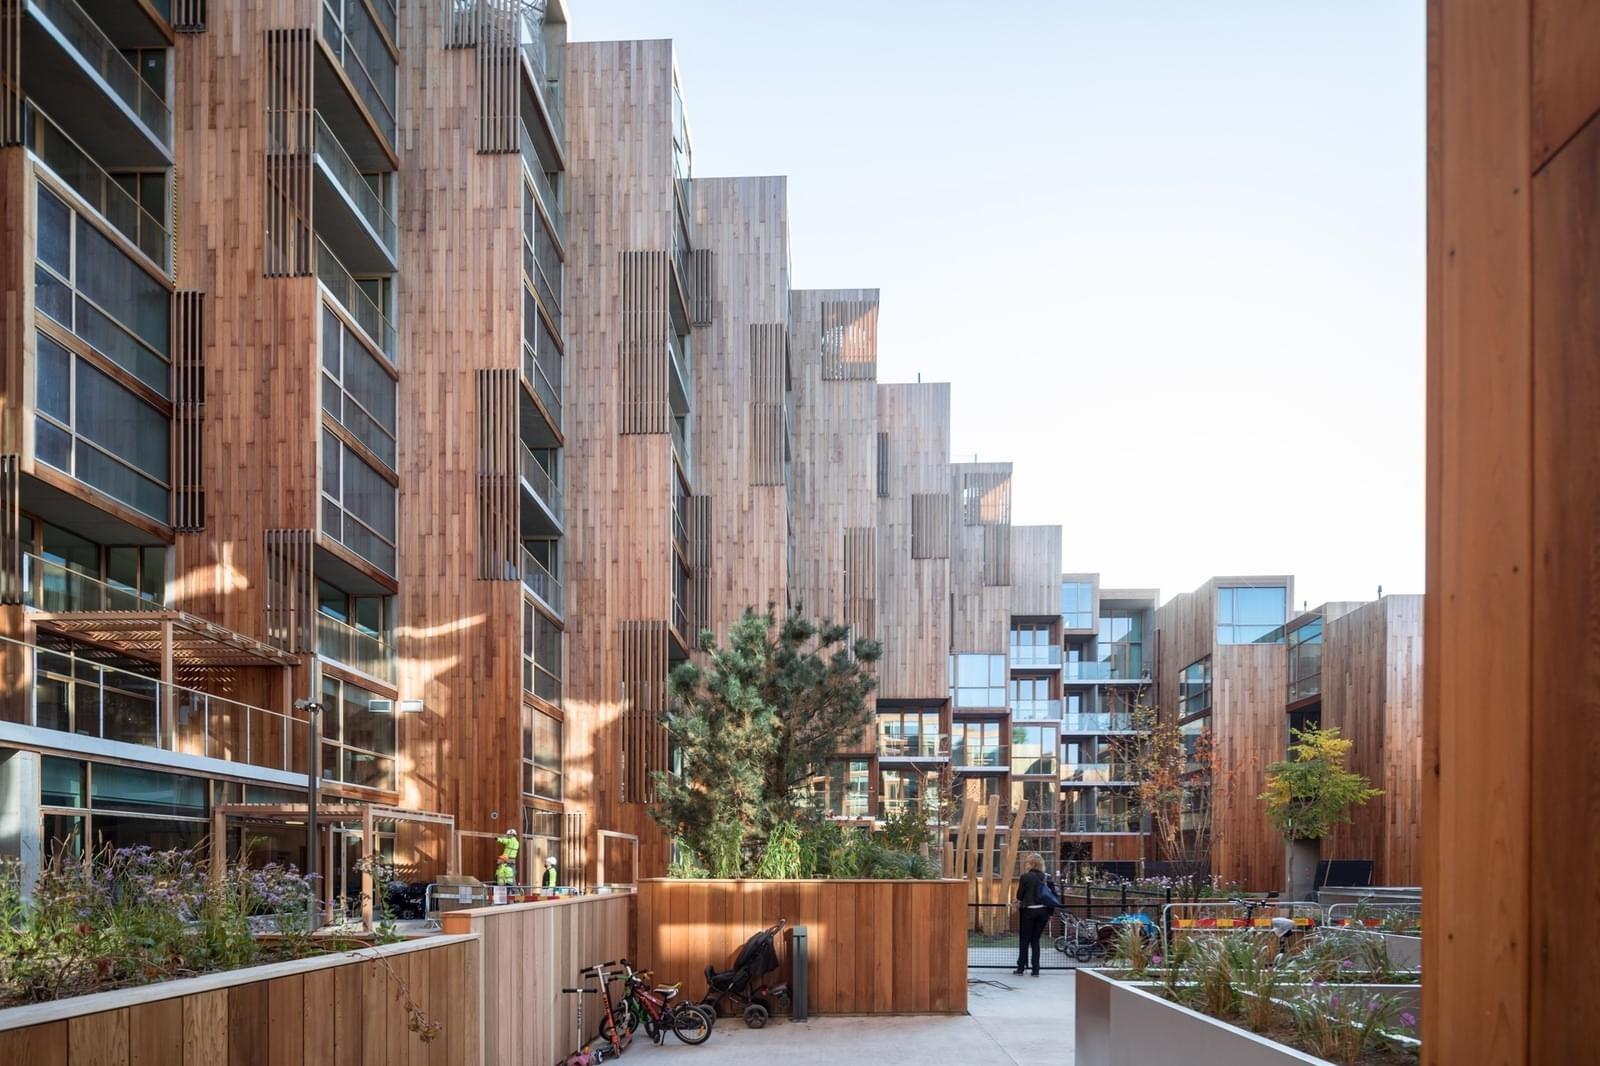 Необычный каскадный жилой комплекс в Стокгольме